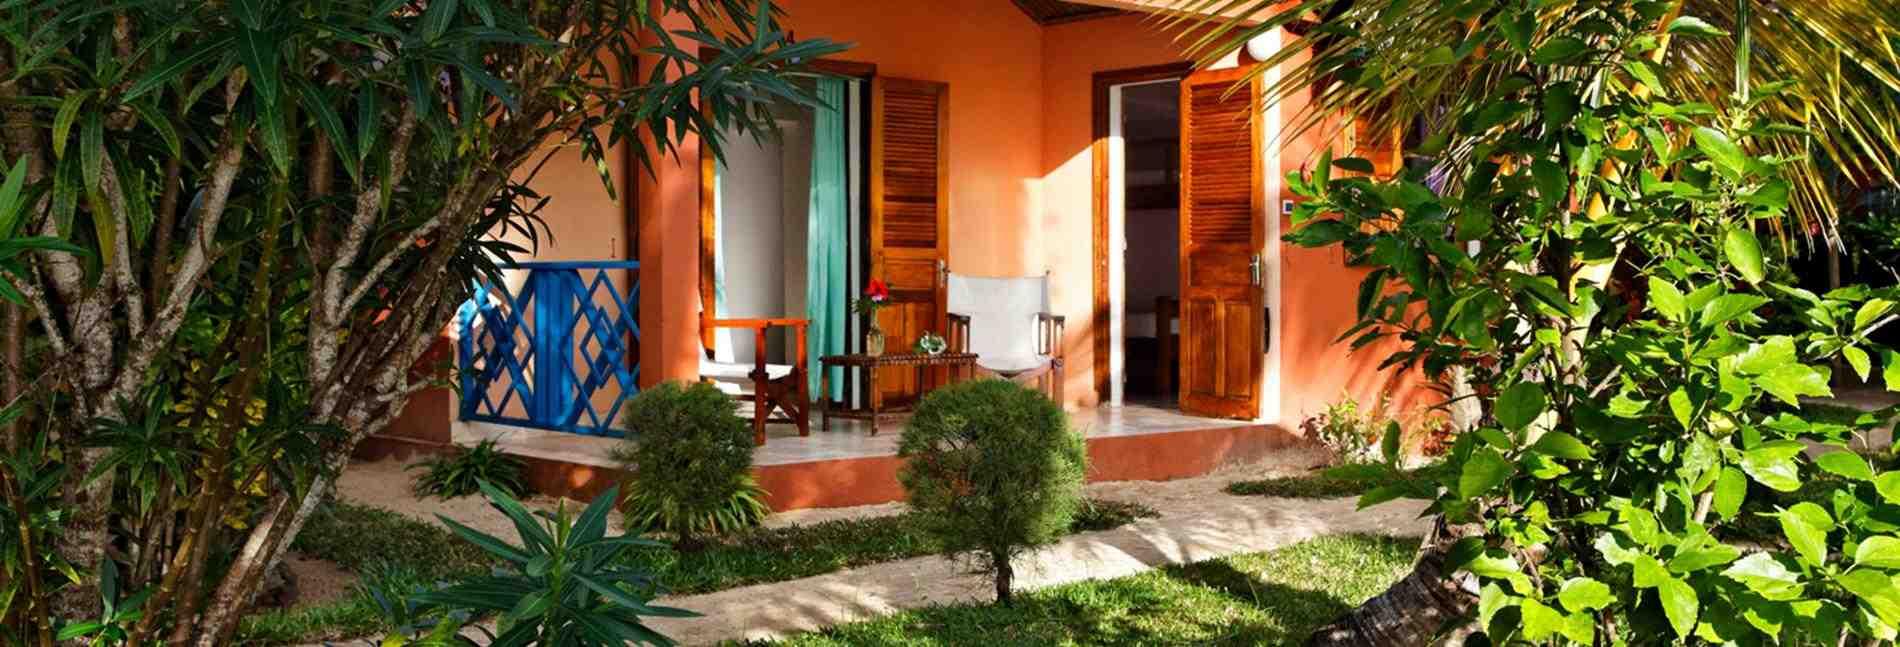 HÔTEL VANIVOLA, Hôtel de Charme à Sainte-Marie, bungalow de charme, bungalow familial, chambre terrasse, bungalow classic